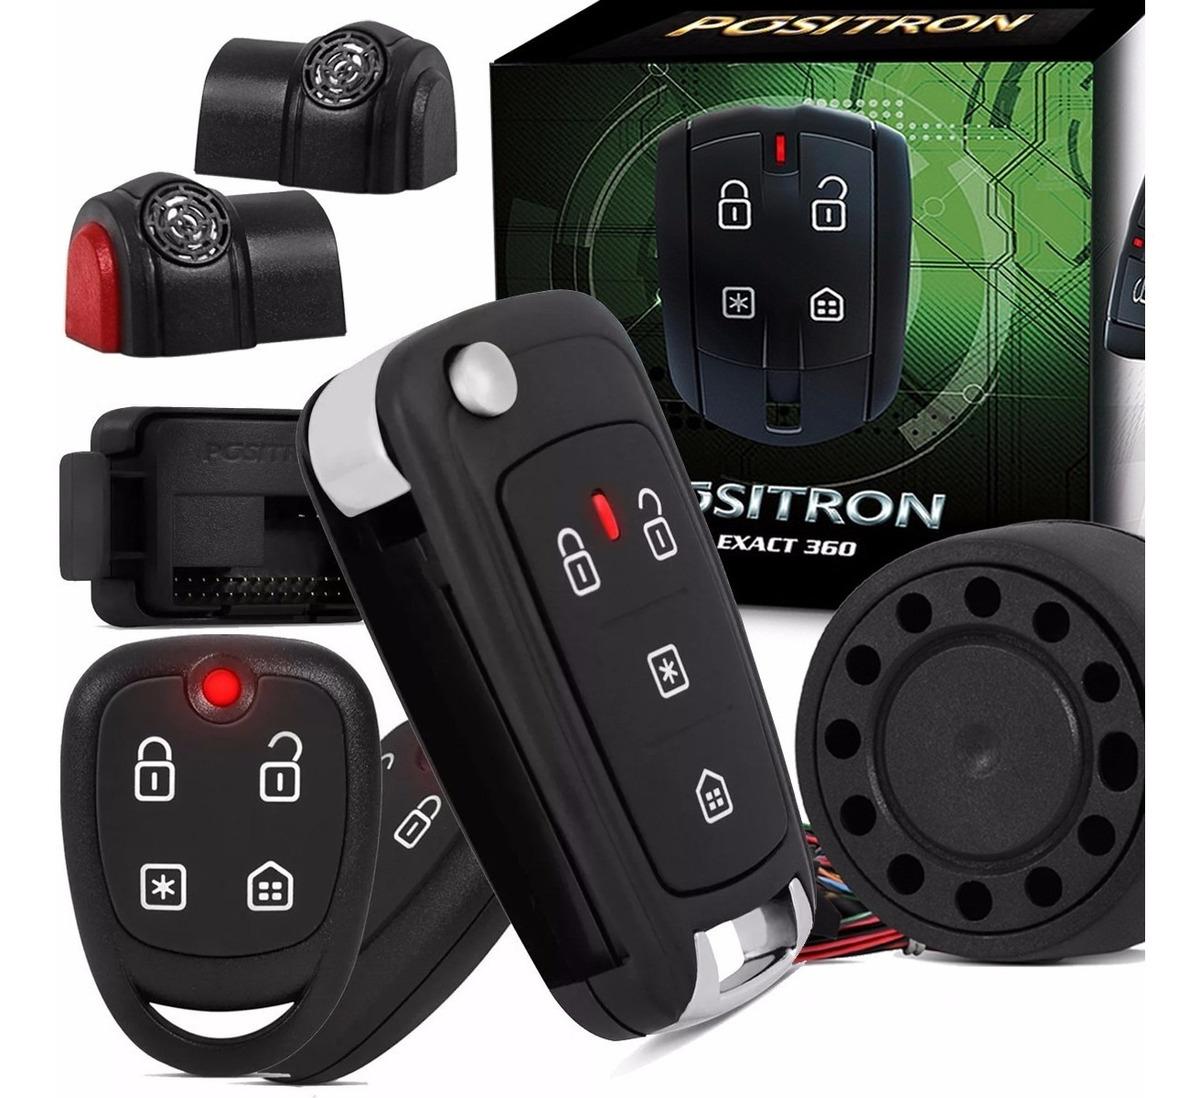 Alarme Positron Exact Ex360 + Chave Canivete Positron Px80 ...